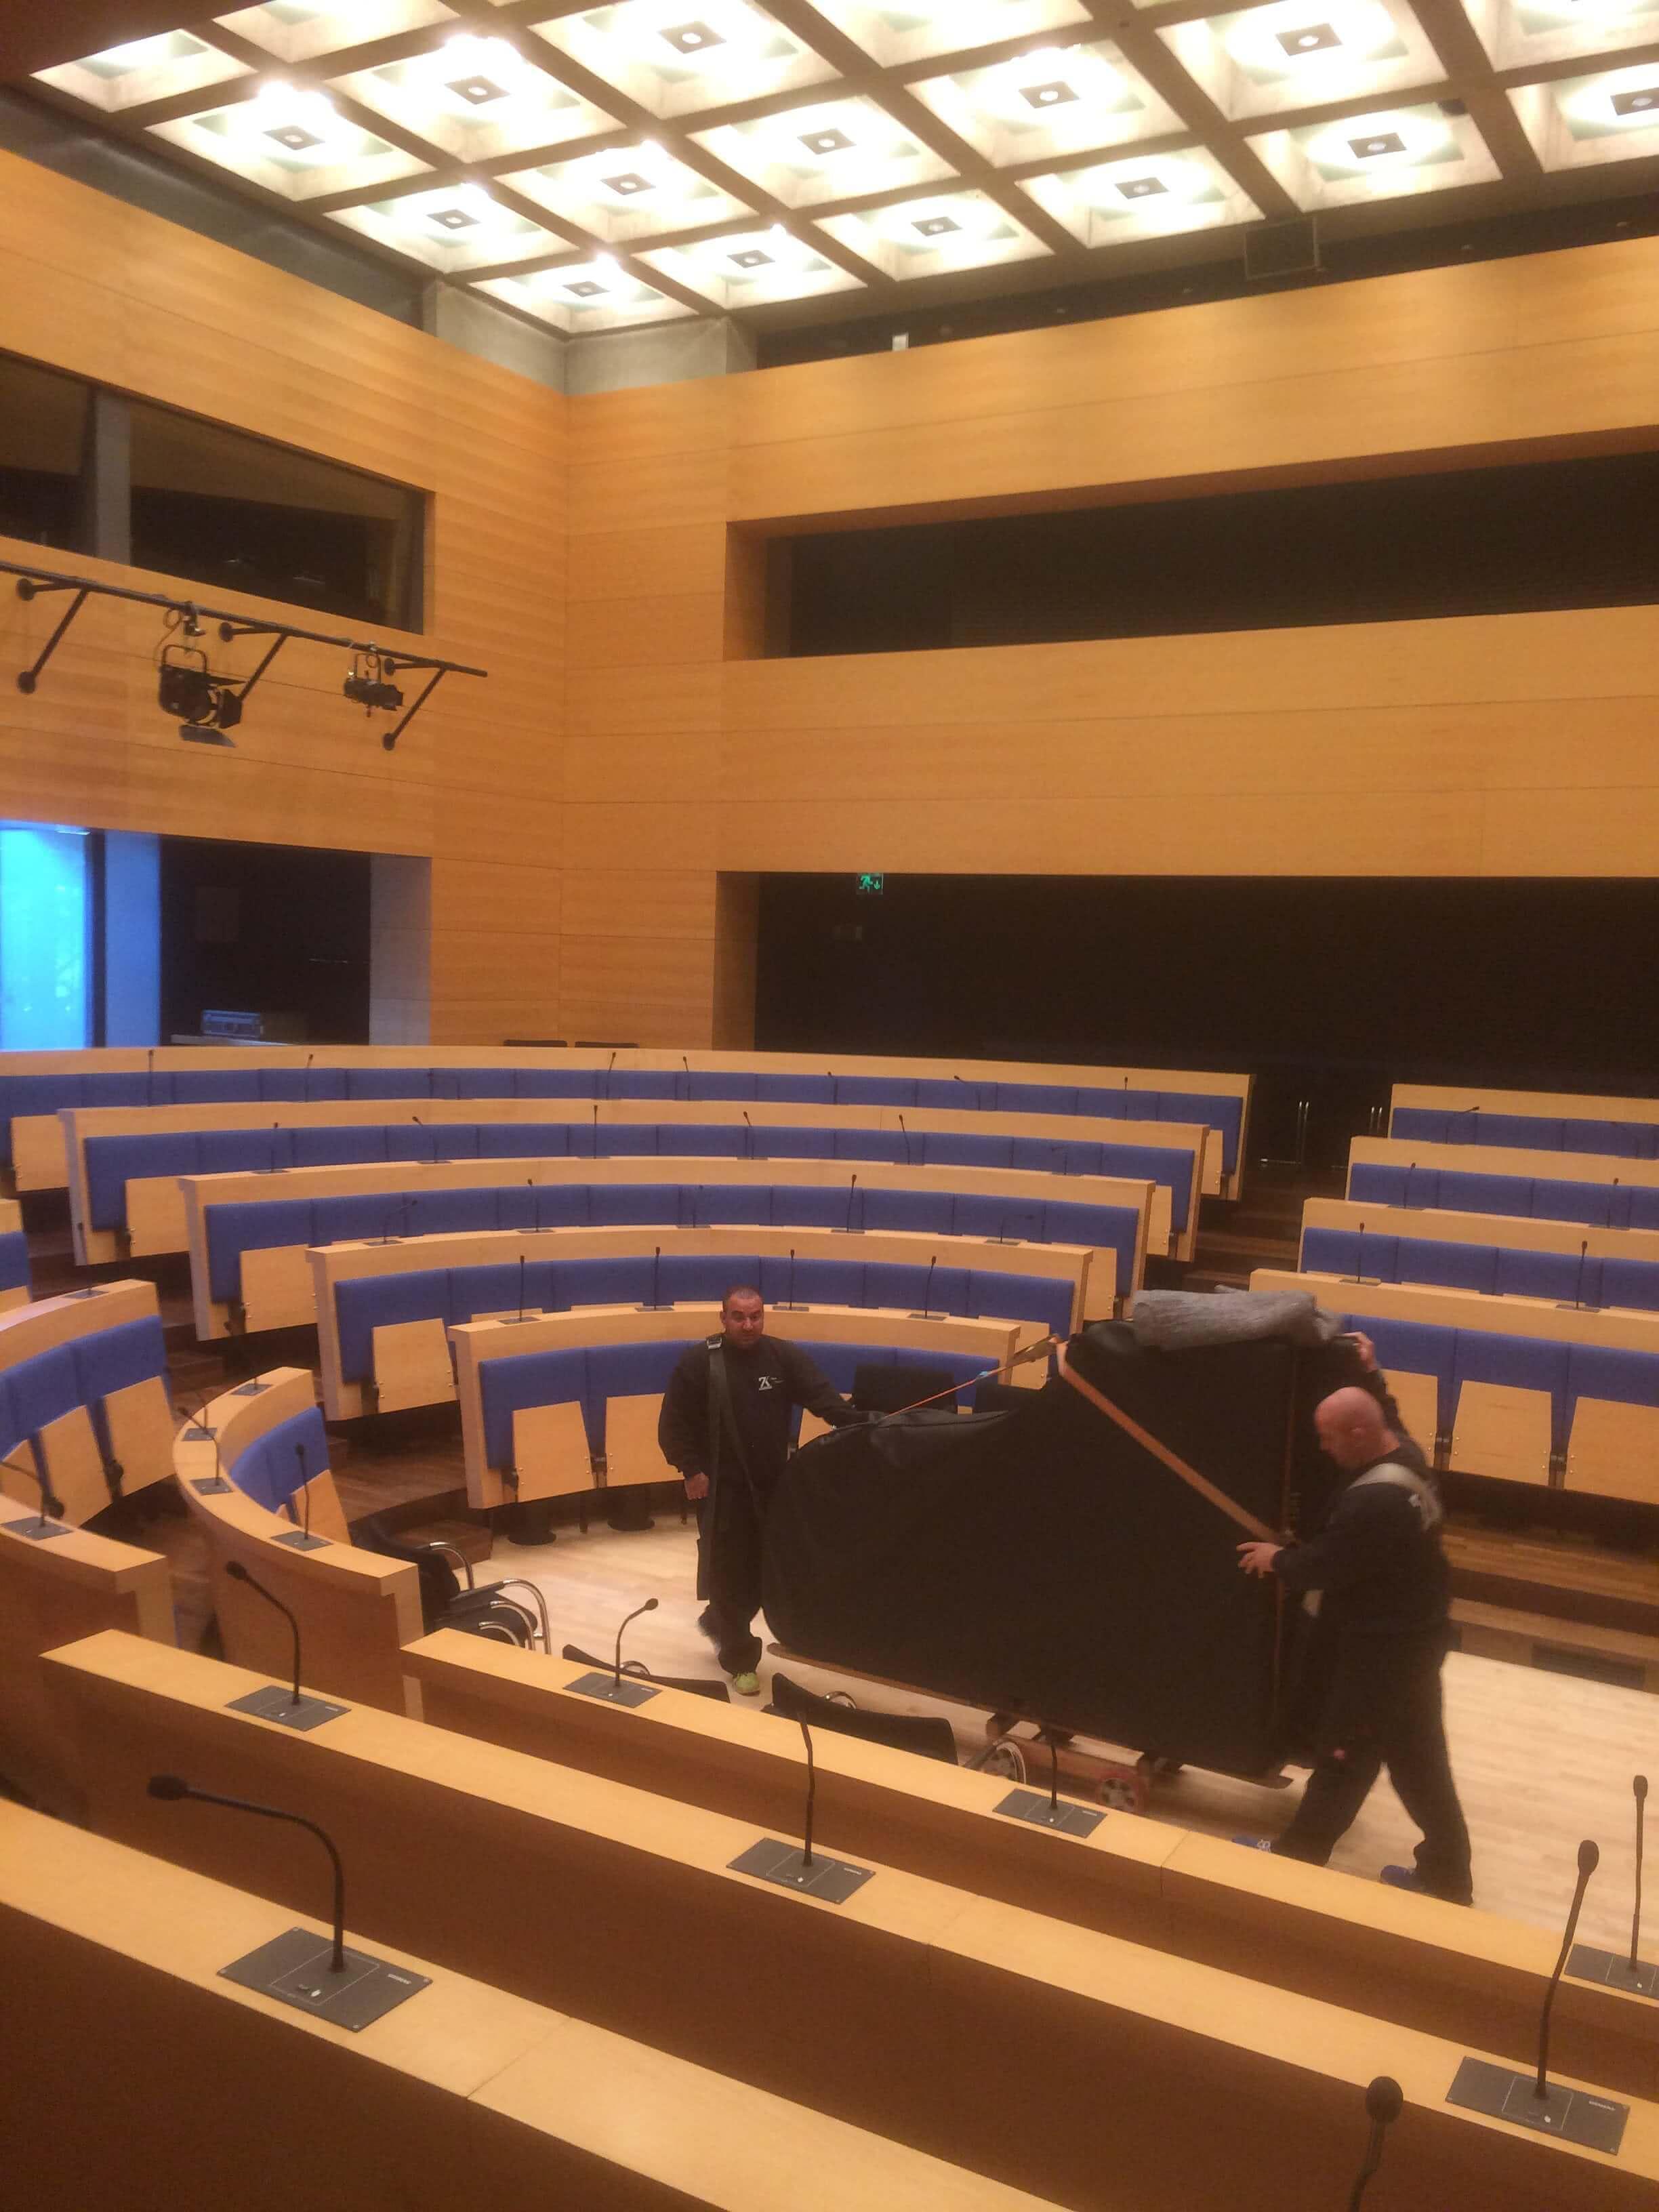 Transport von ZK Team - Korad Adenauer Stiftung